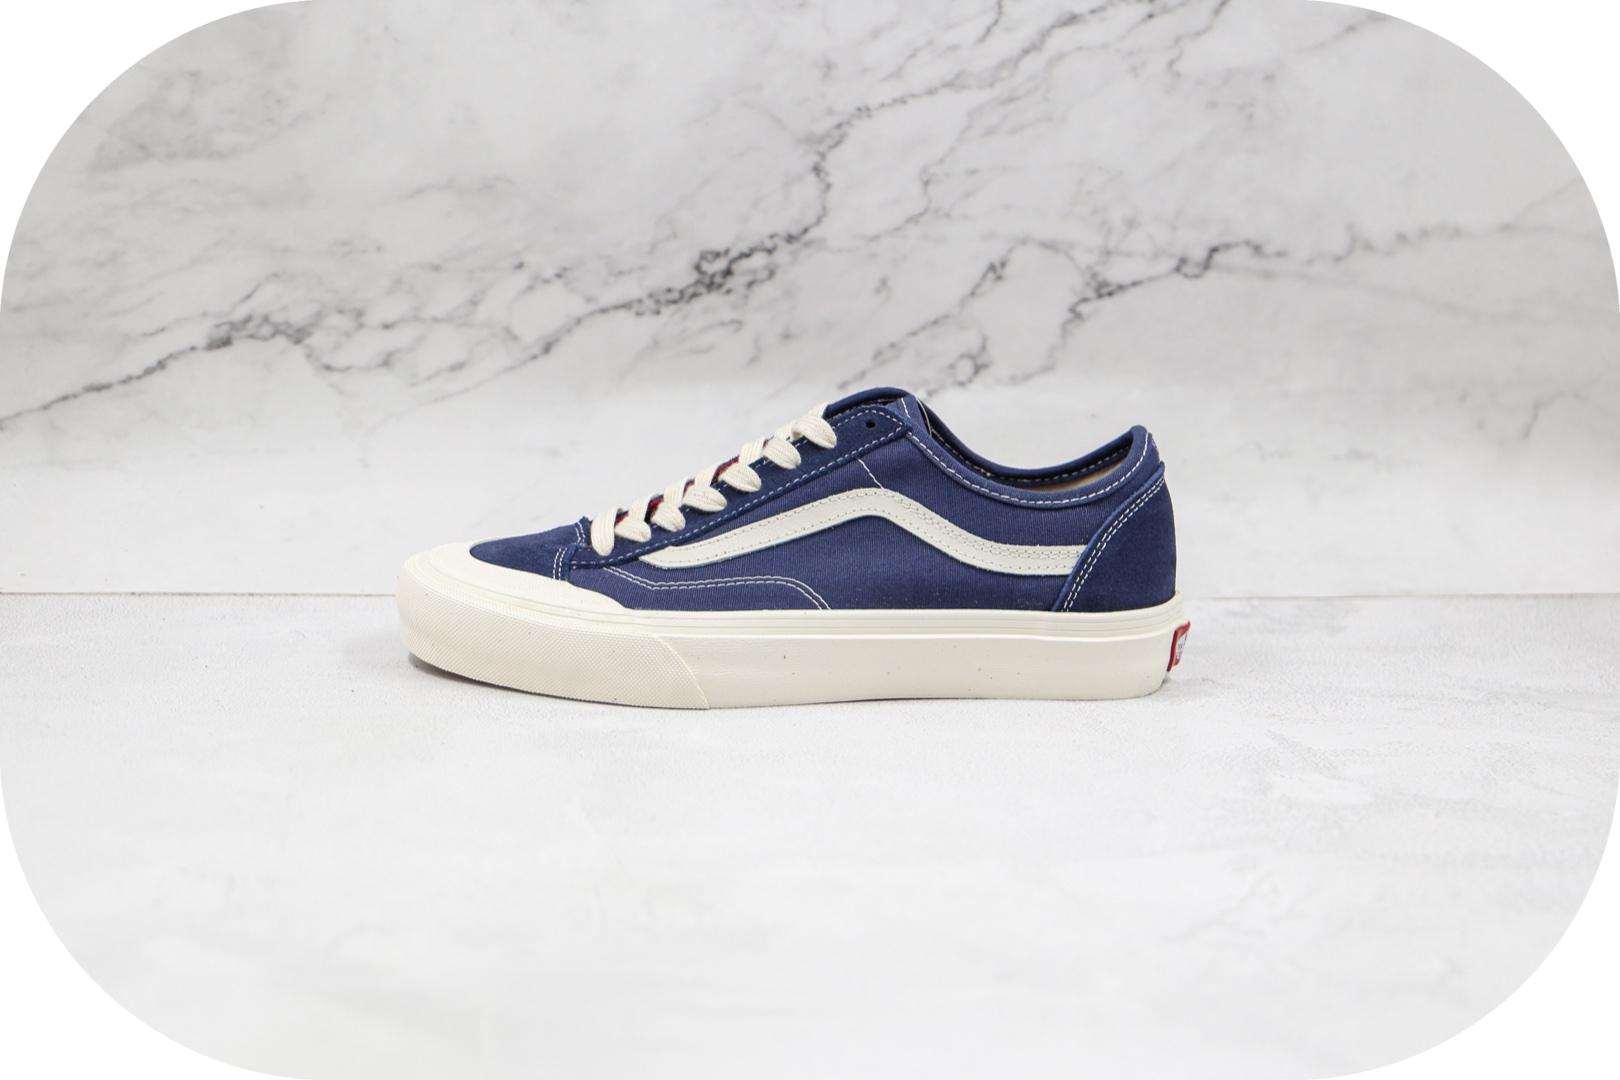 万斯Vans style36 decon sf公司级版本半月包头海军蓝硫化板鞋原厂硫化版本原盒原标